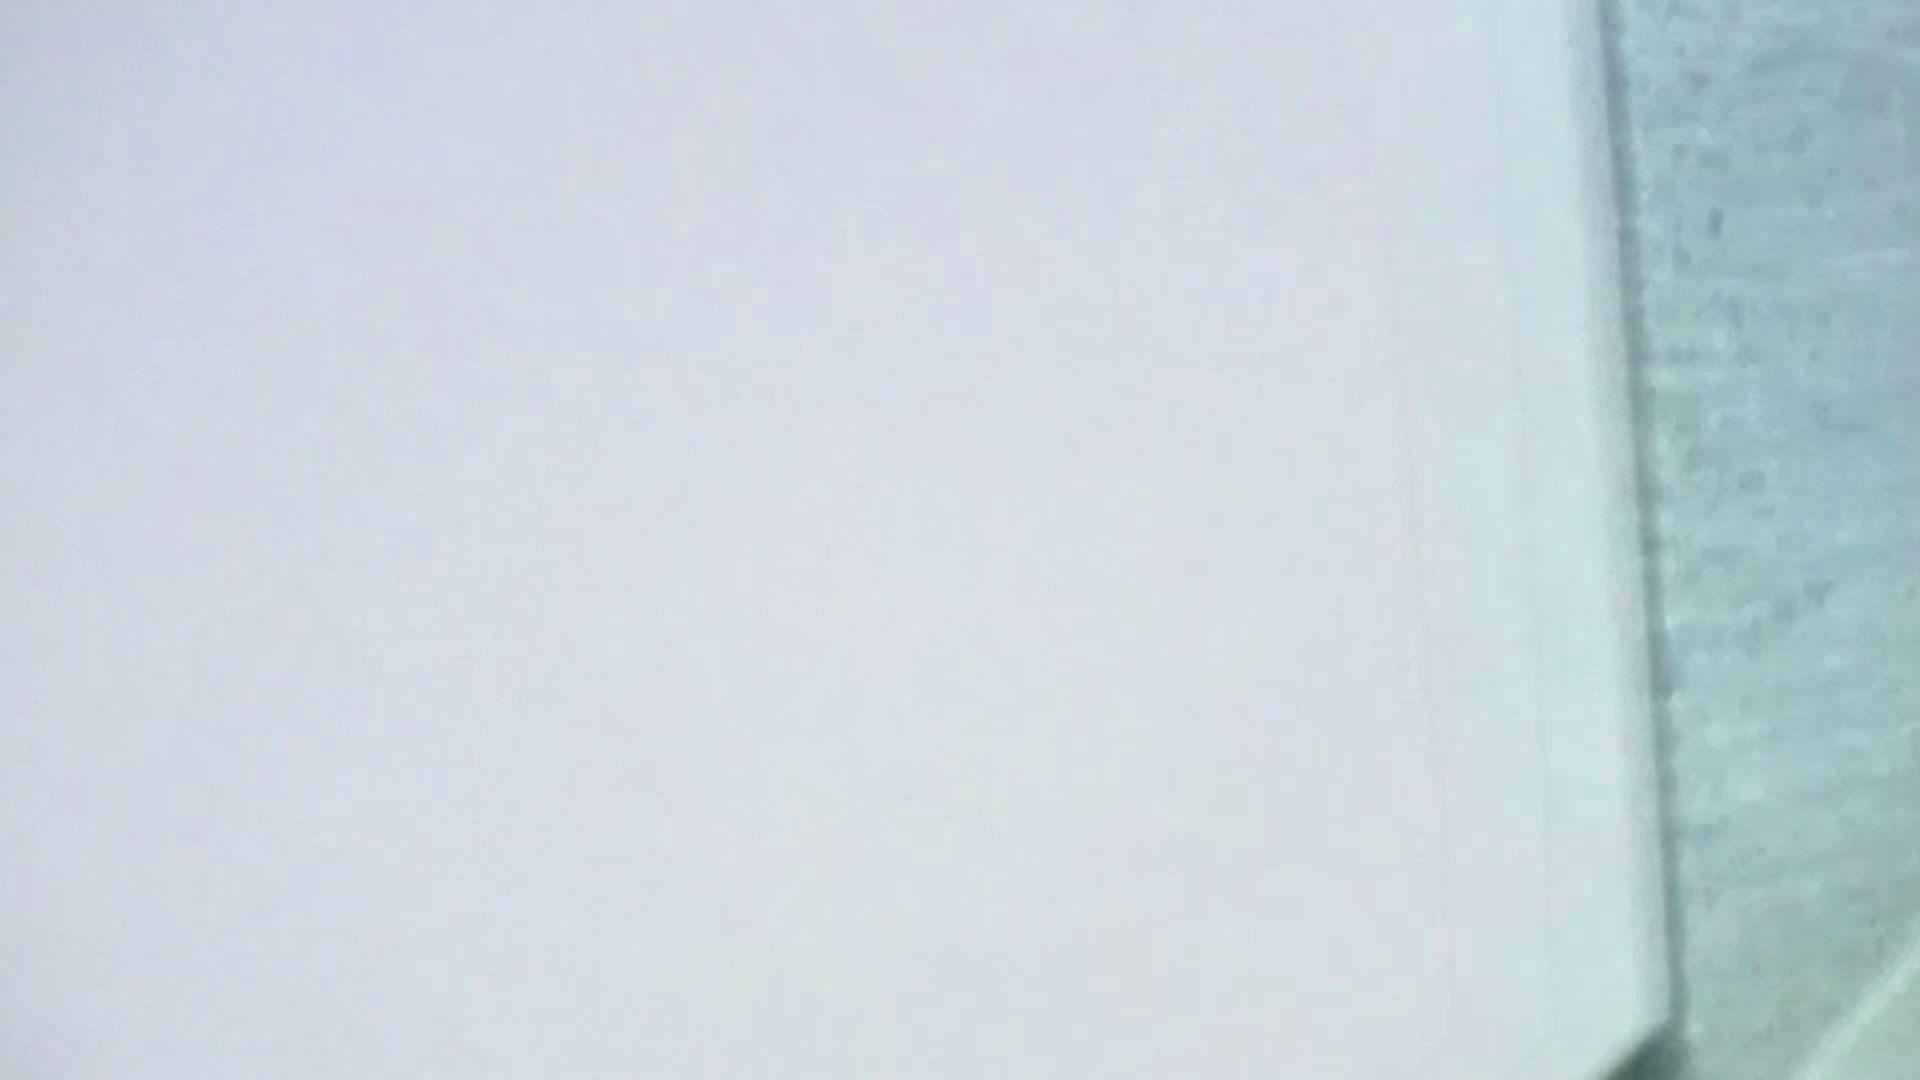 お姉さんの恥便所盗撮! Vol.12 OLセックス 隠し撮りすけべAV動画紹介 104画像 37